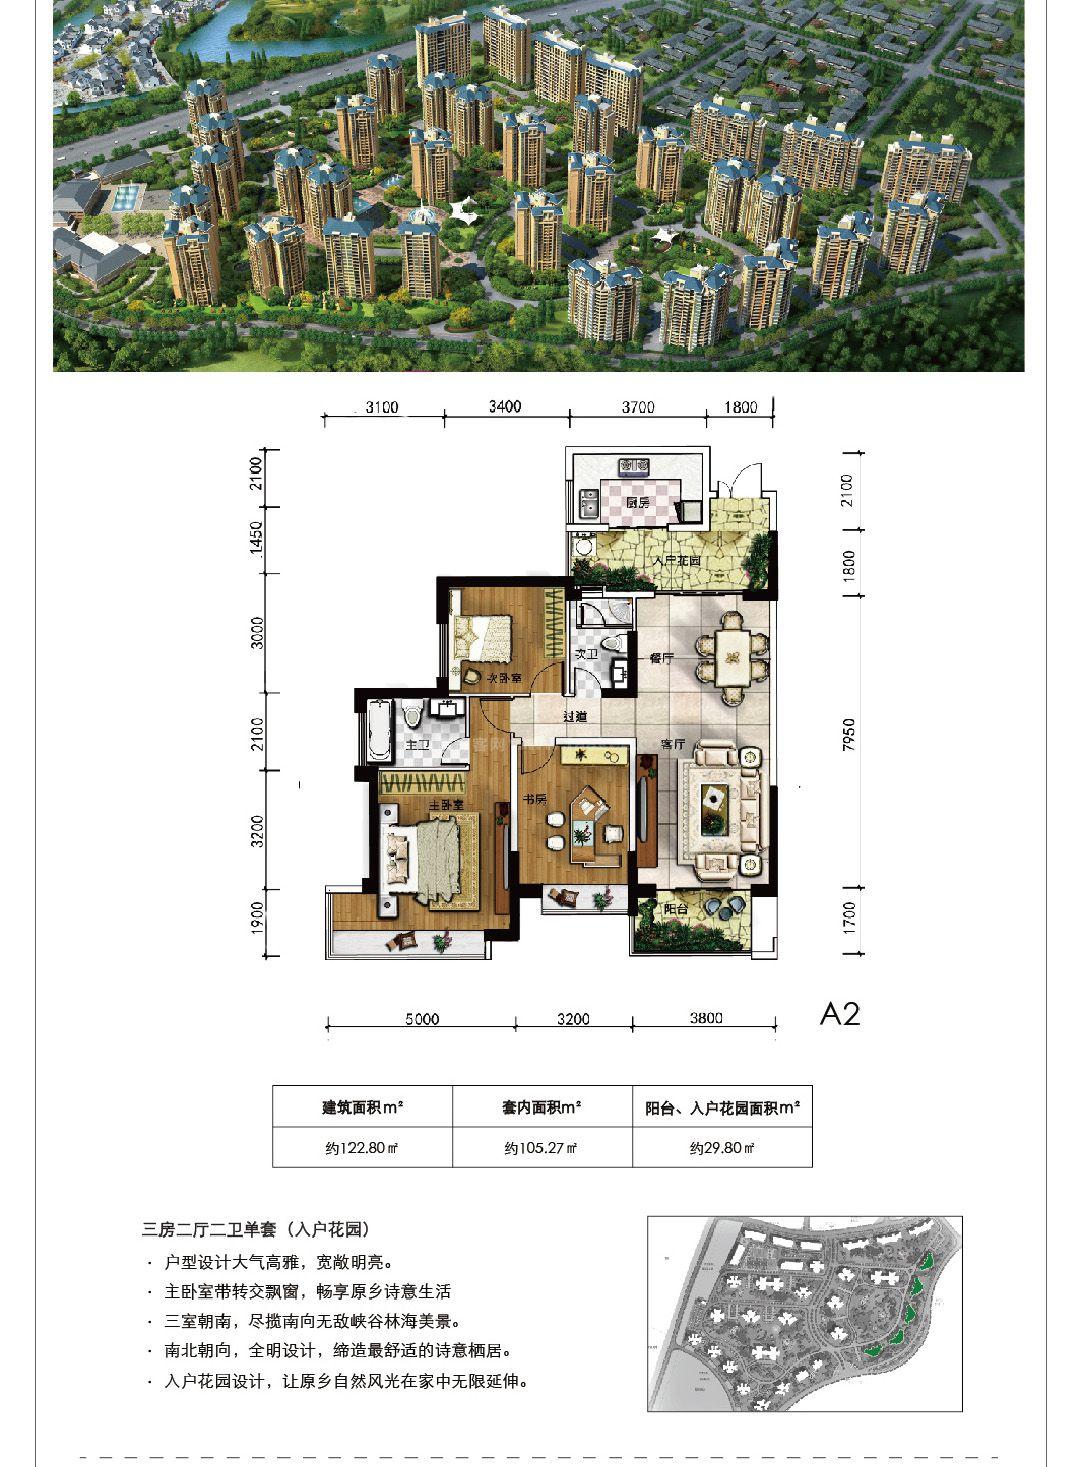 山居高黎洋房A2户型 3室2厅2卫1厨 建筑面积:122.80㎡